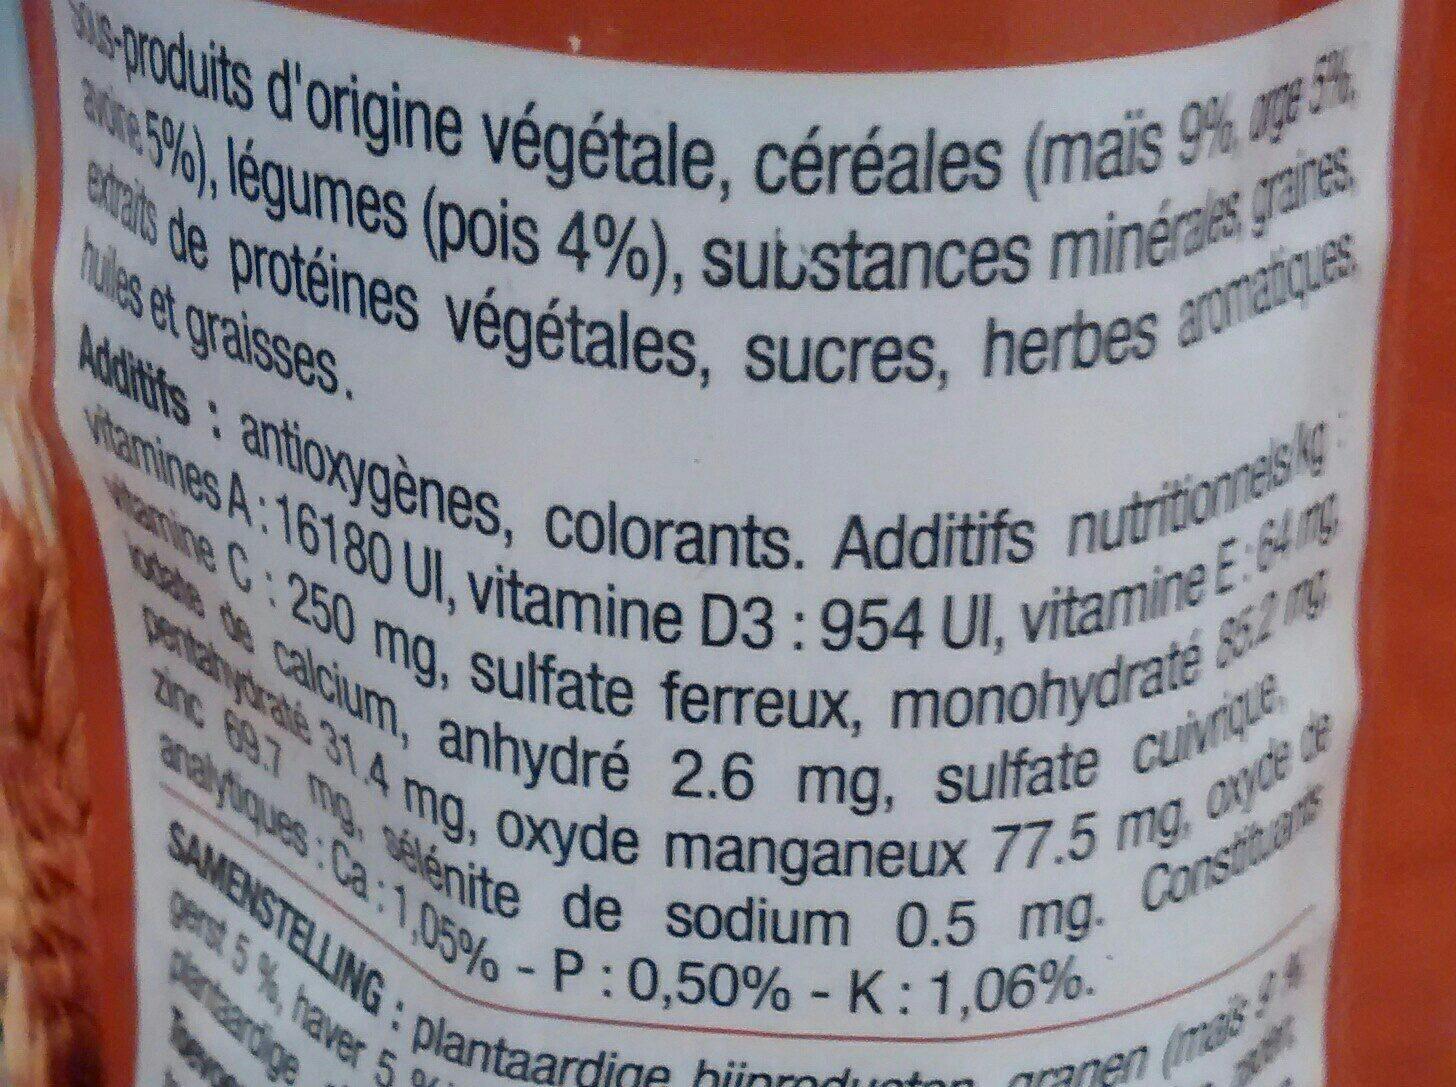 Mélange Complet Pour Cochons D'inde, 800 Grammes, Marque Cora - Ingredients